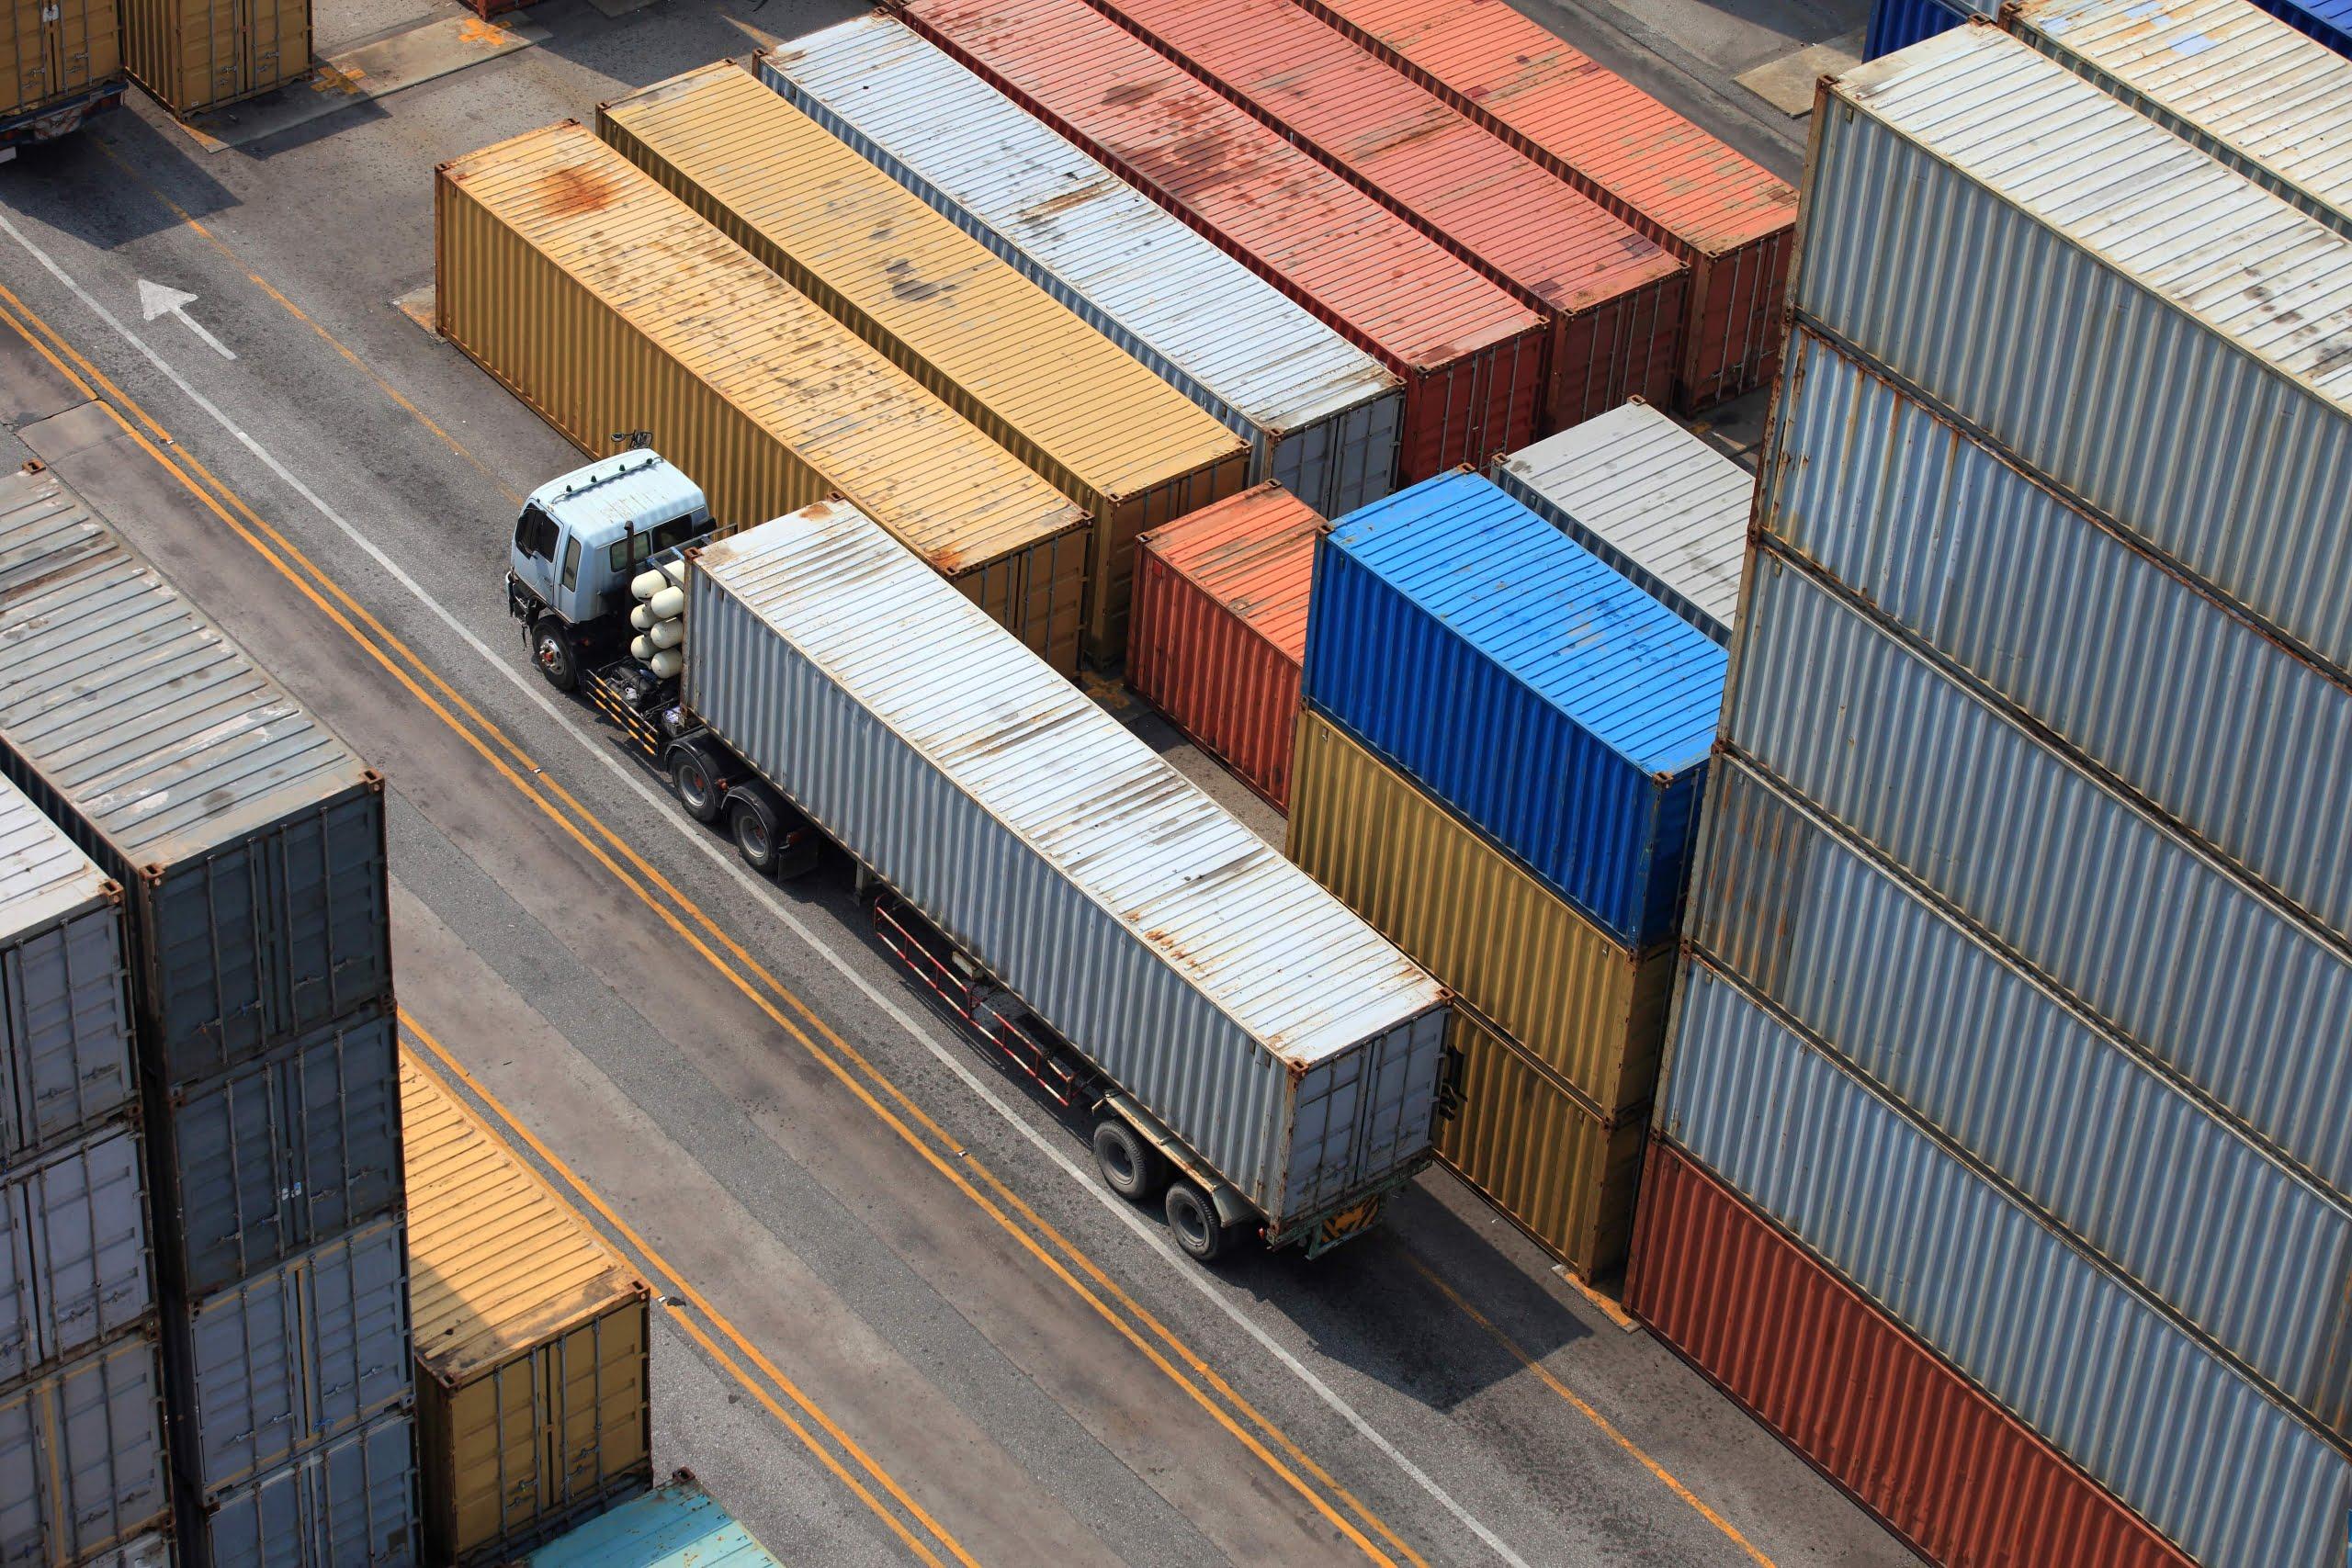 konteyner fiyatlarındaki artış